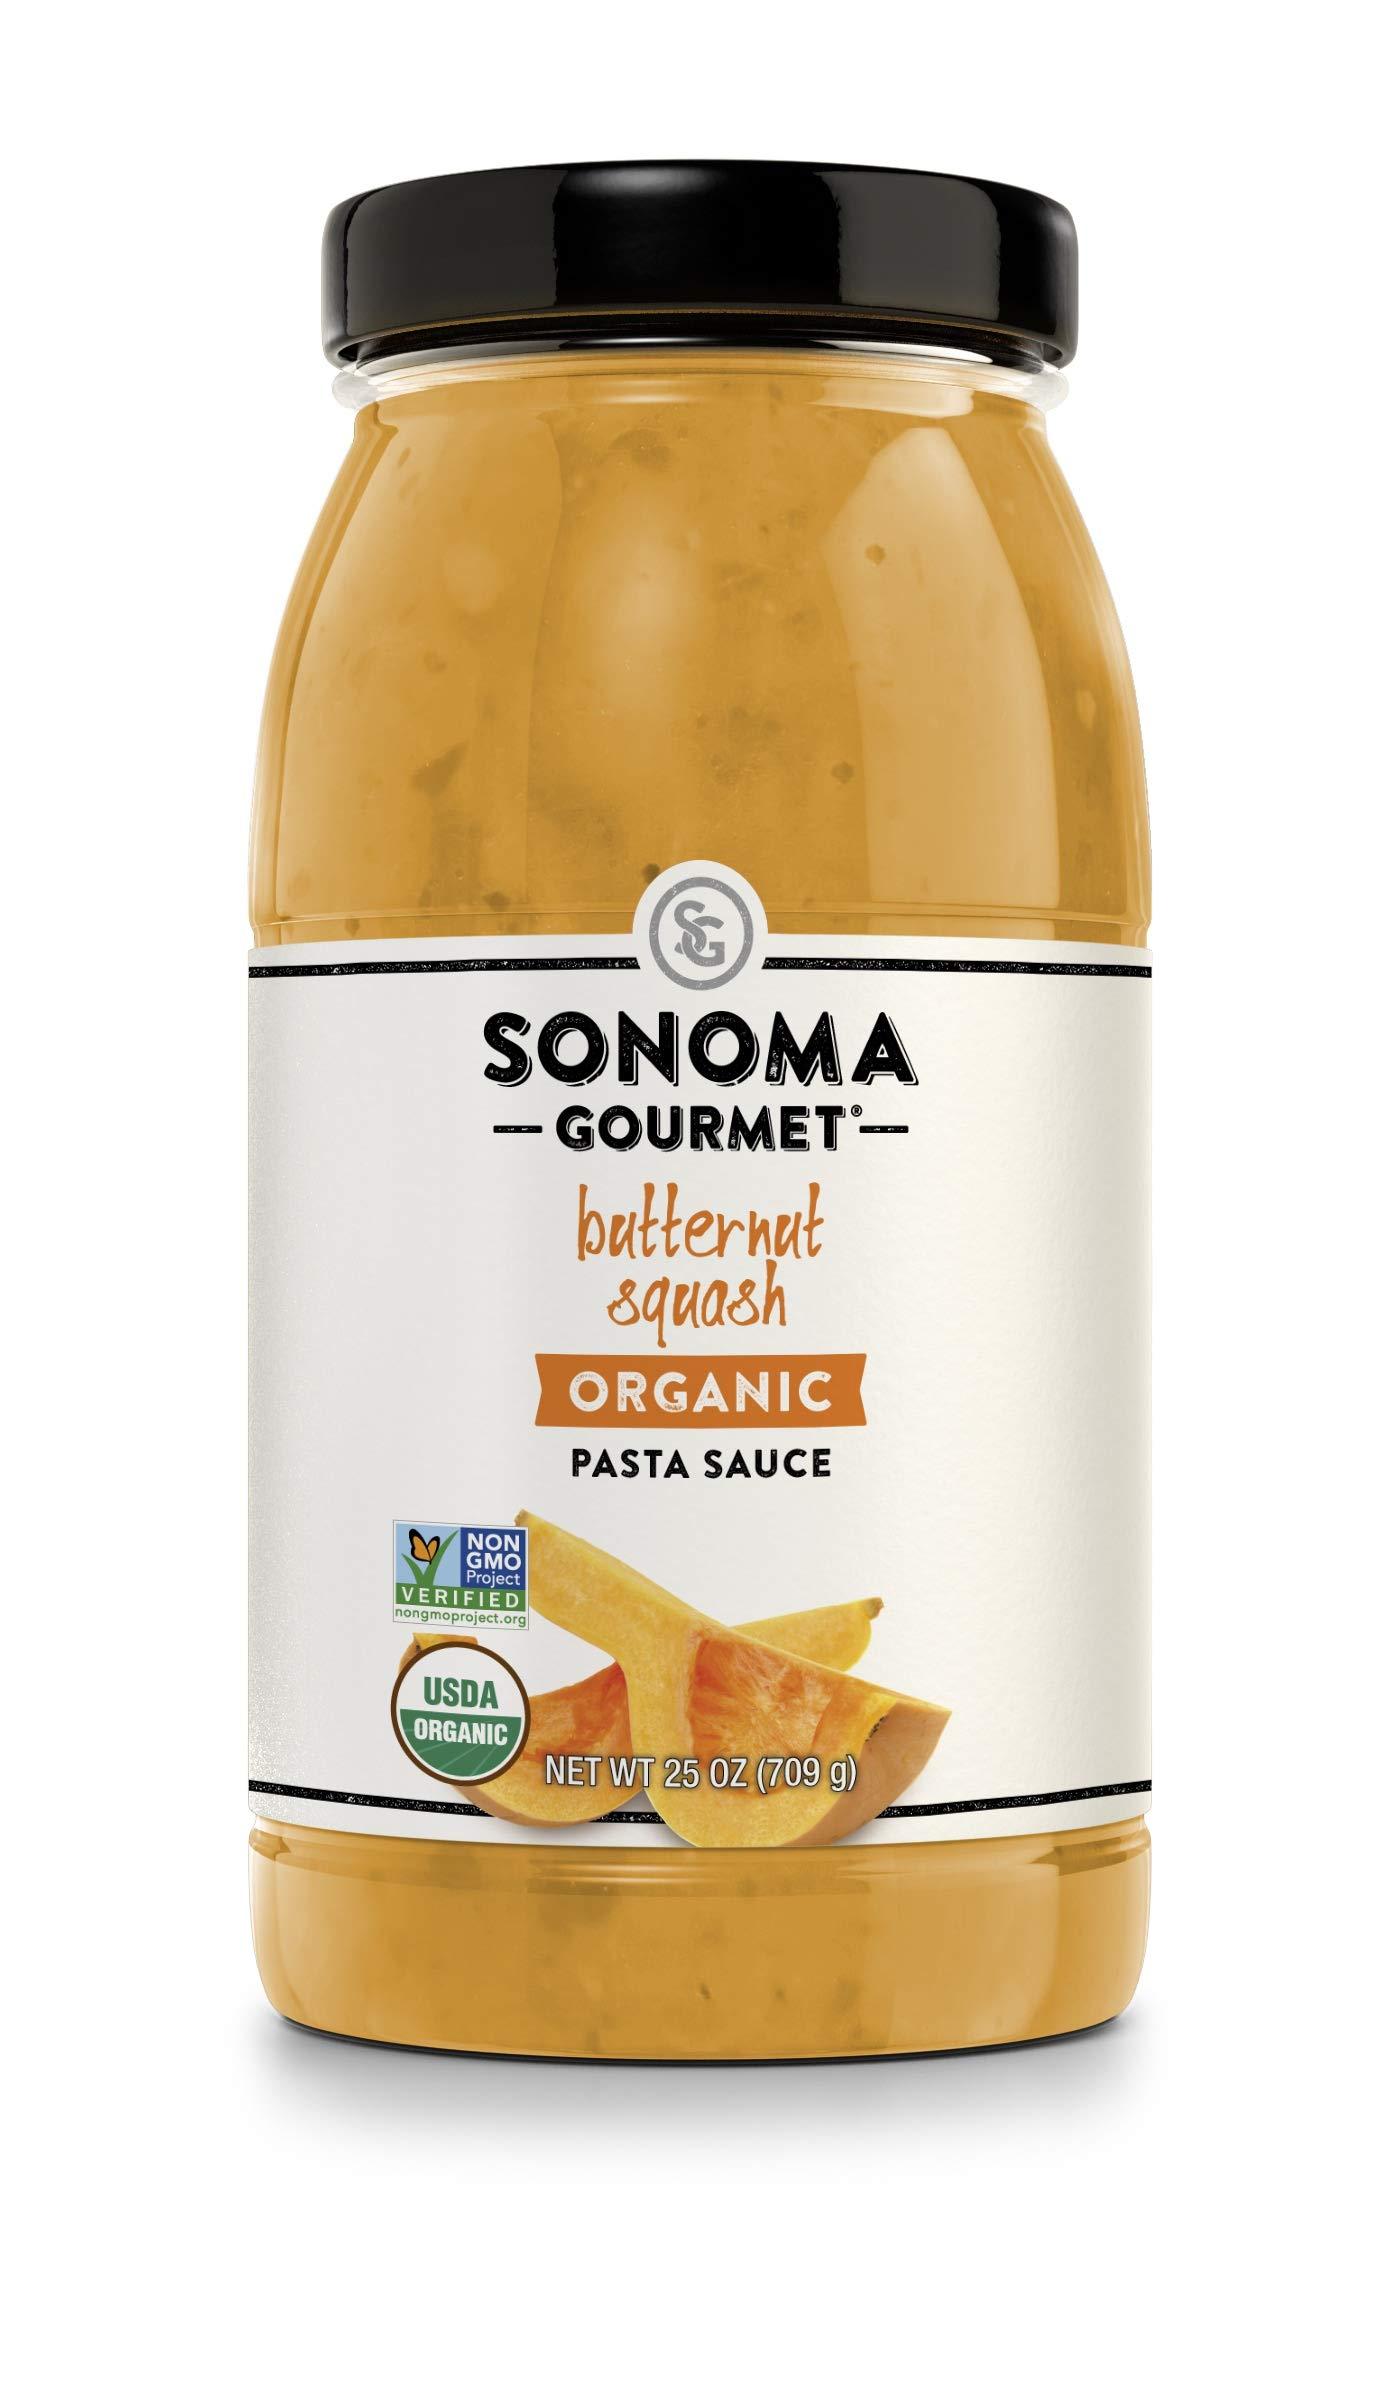 Sonoma Gourmet, Organic Pasta Sauce, Butternut Squash, Quantity - 1 case (pack of 6)